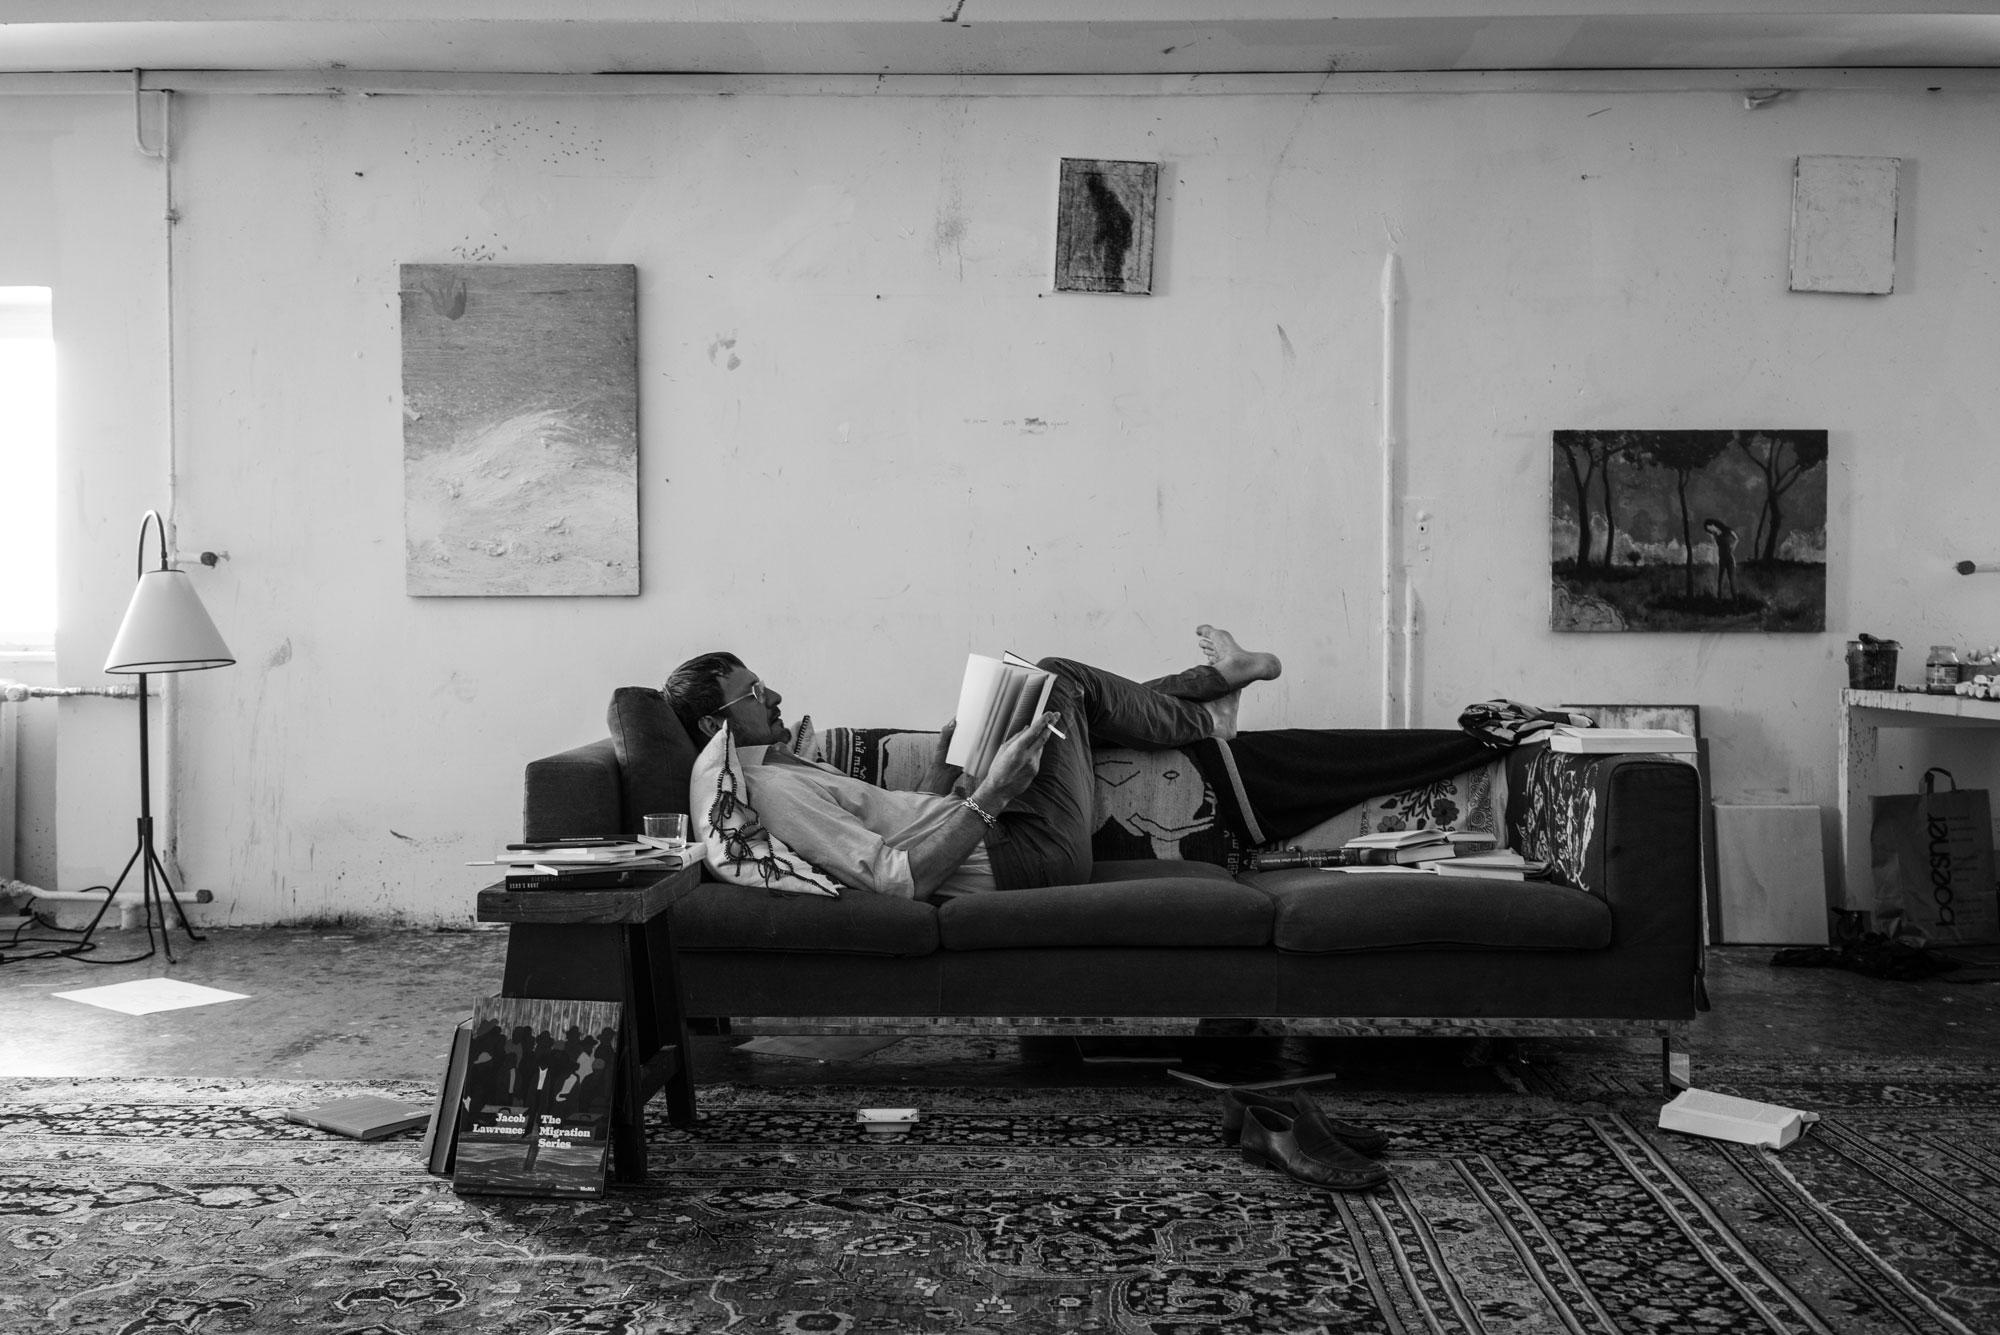 David Fischer — Daniel Richter in his Studio for Harper's Bazaar. – David Fischer